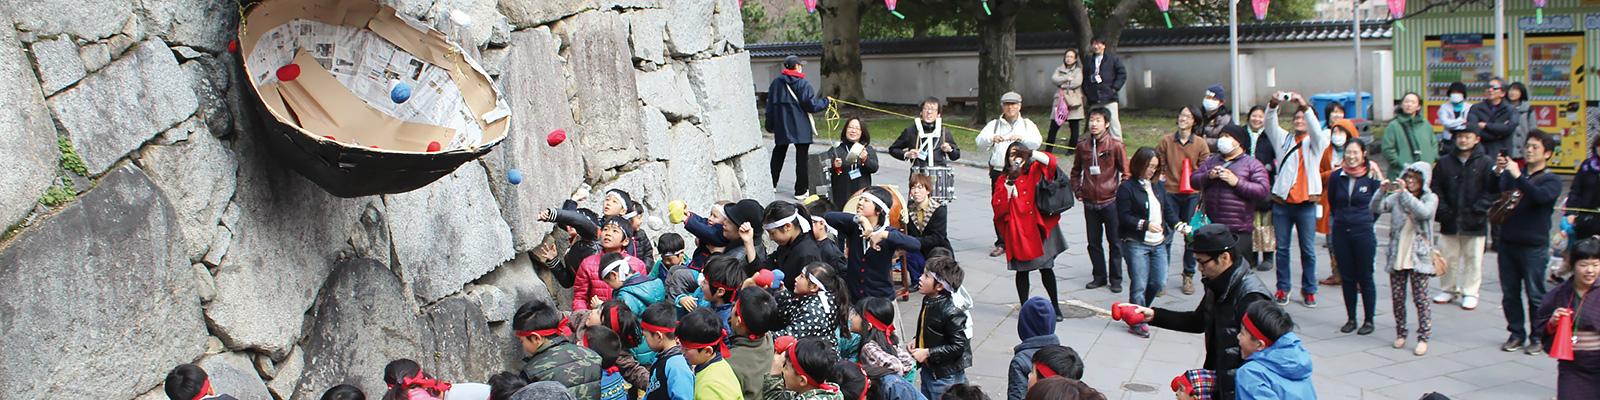 脱外注!文化と歴史を織り込んだ手作りの「祭り」がまちと人を変える – 「風雲!小倉城」